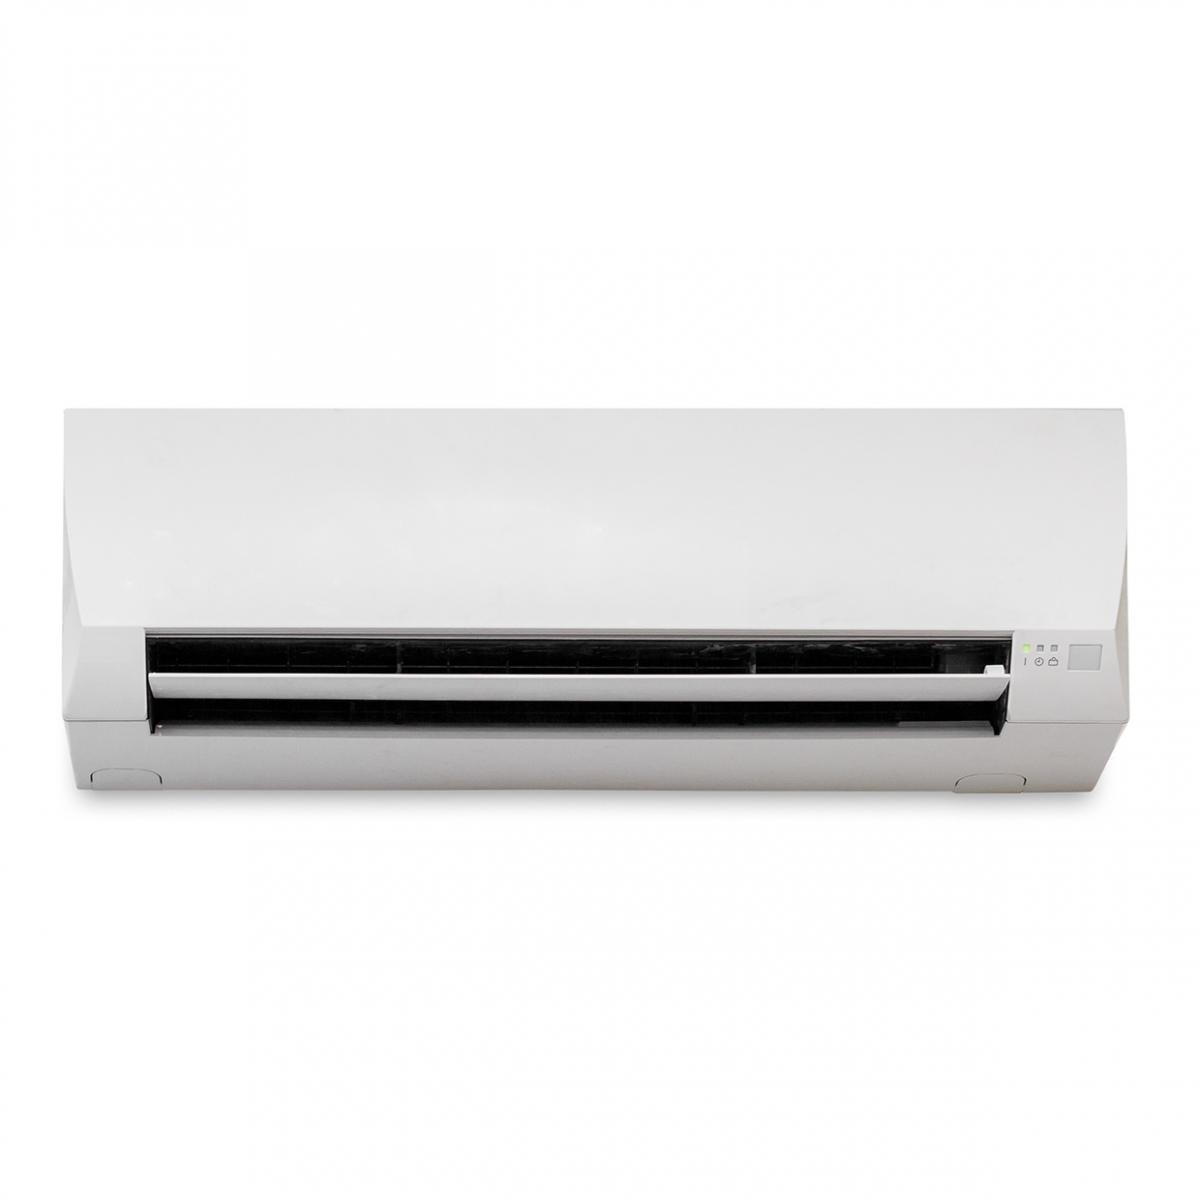 Imagen en la que se ve una máquina de aire acondicionado